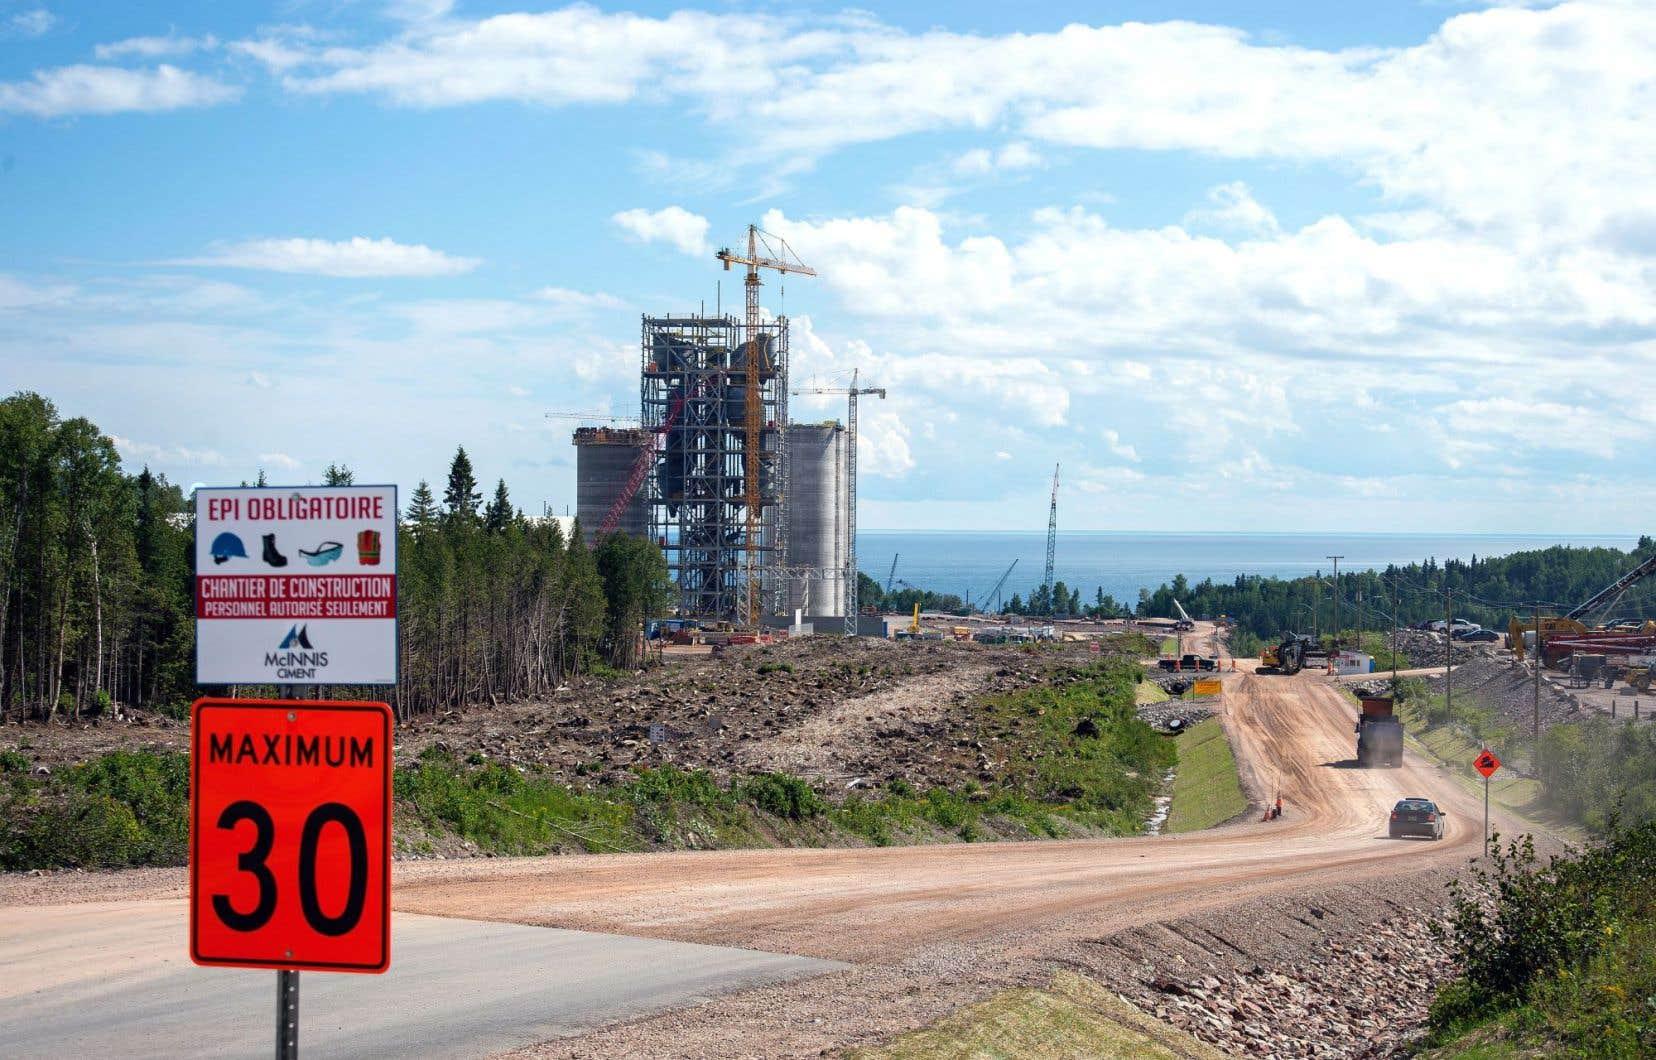 La cimenterie lors de sa construction, en 2015